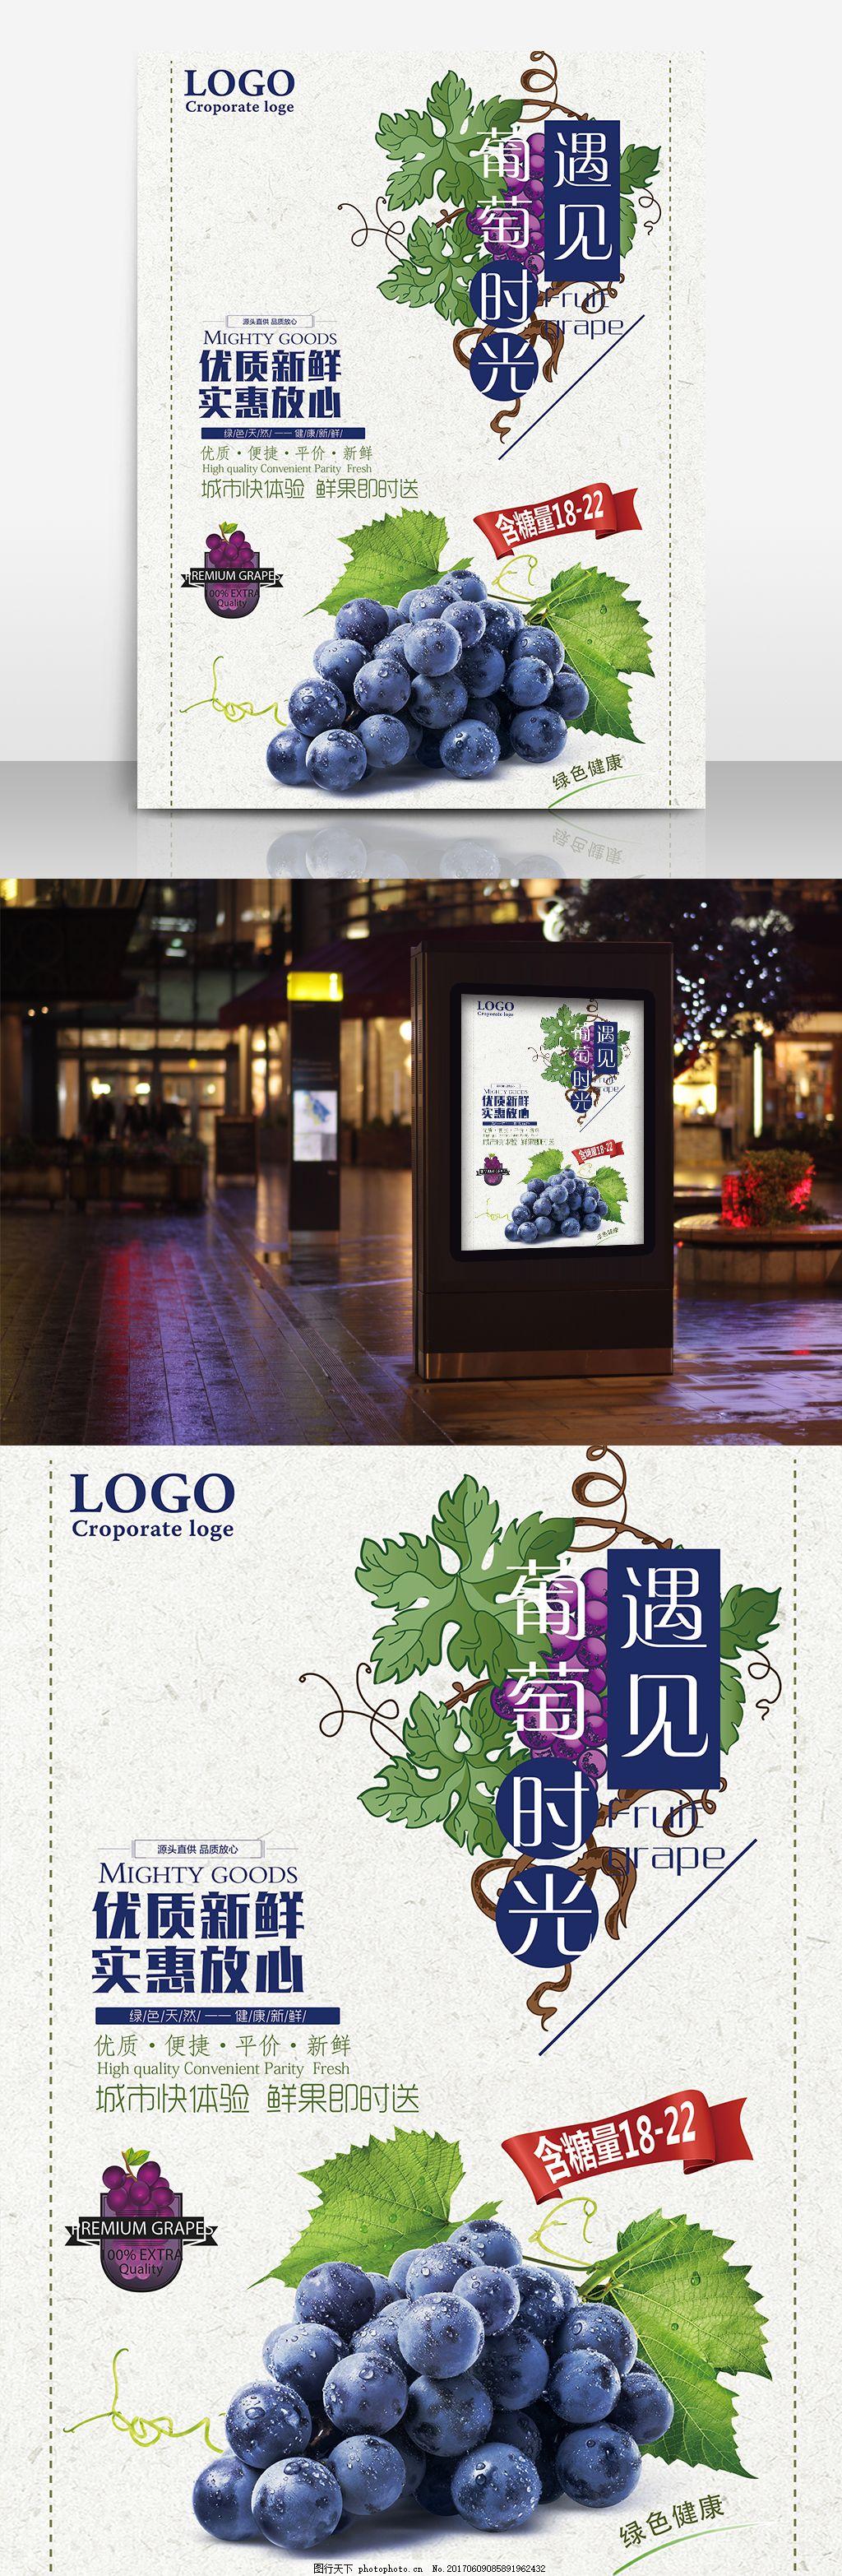 葡萄促销海报模板 葡萄海报 葡萄海报设计 水果广告 葡萄宣传海报